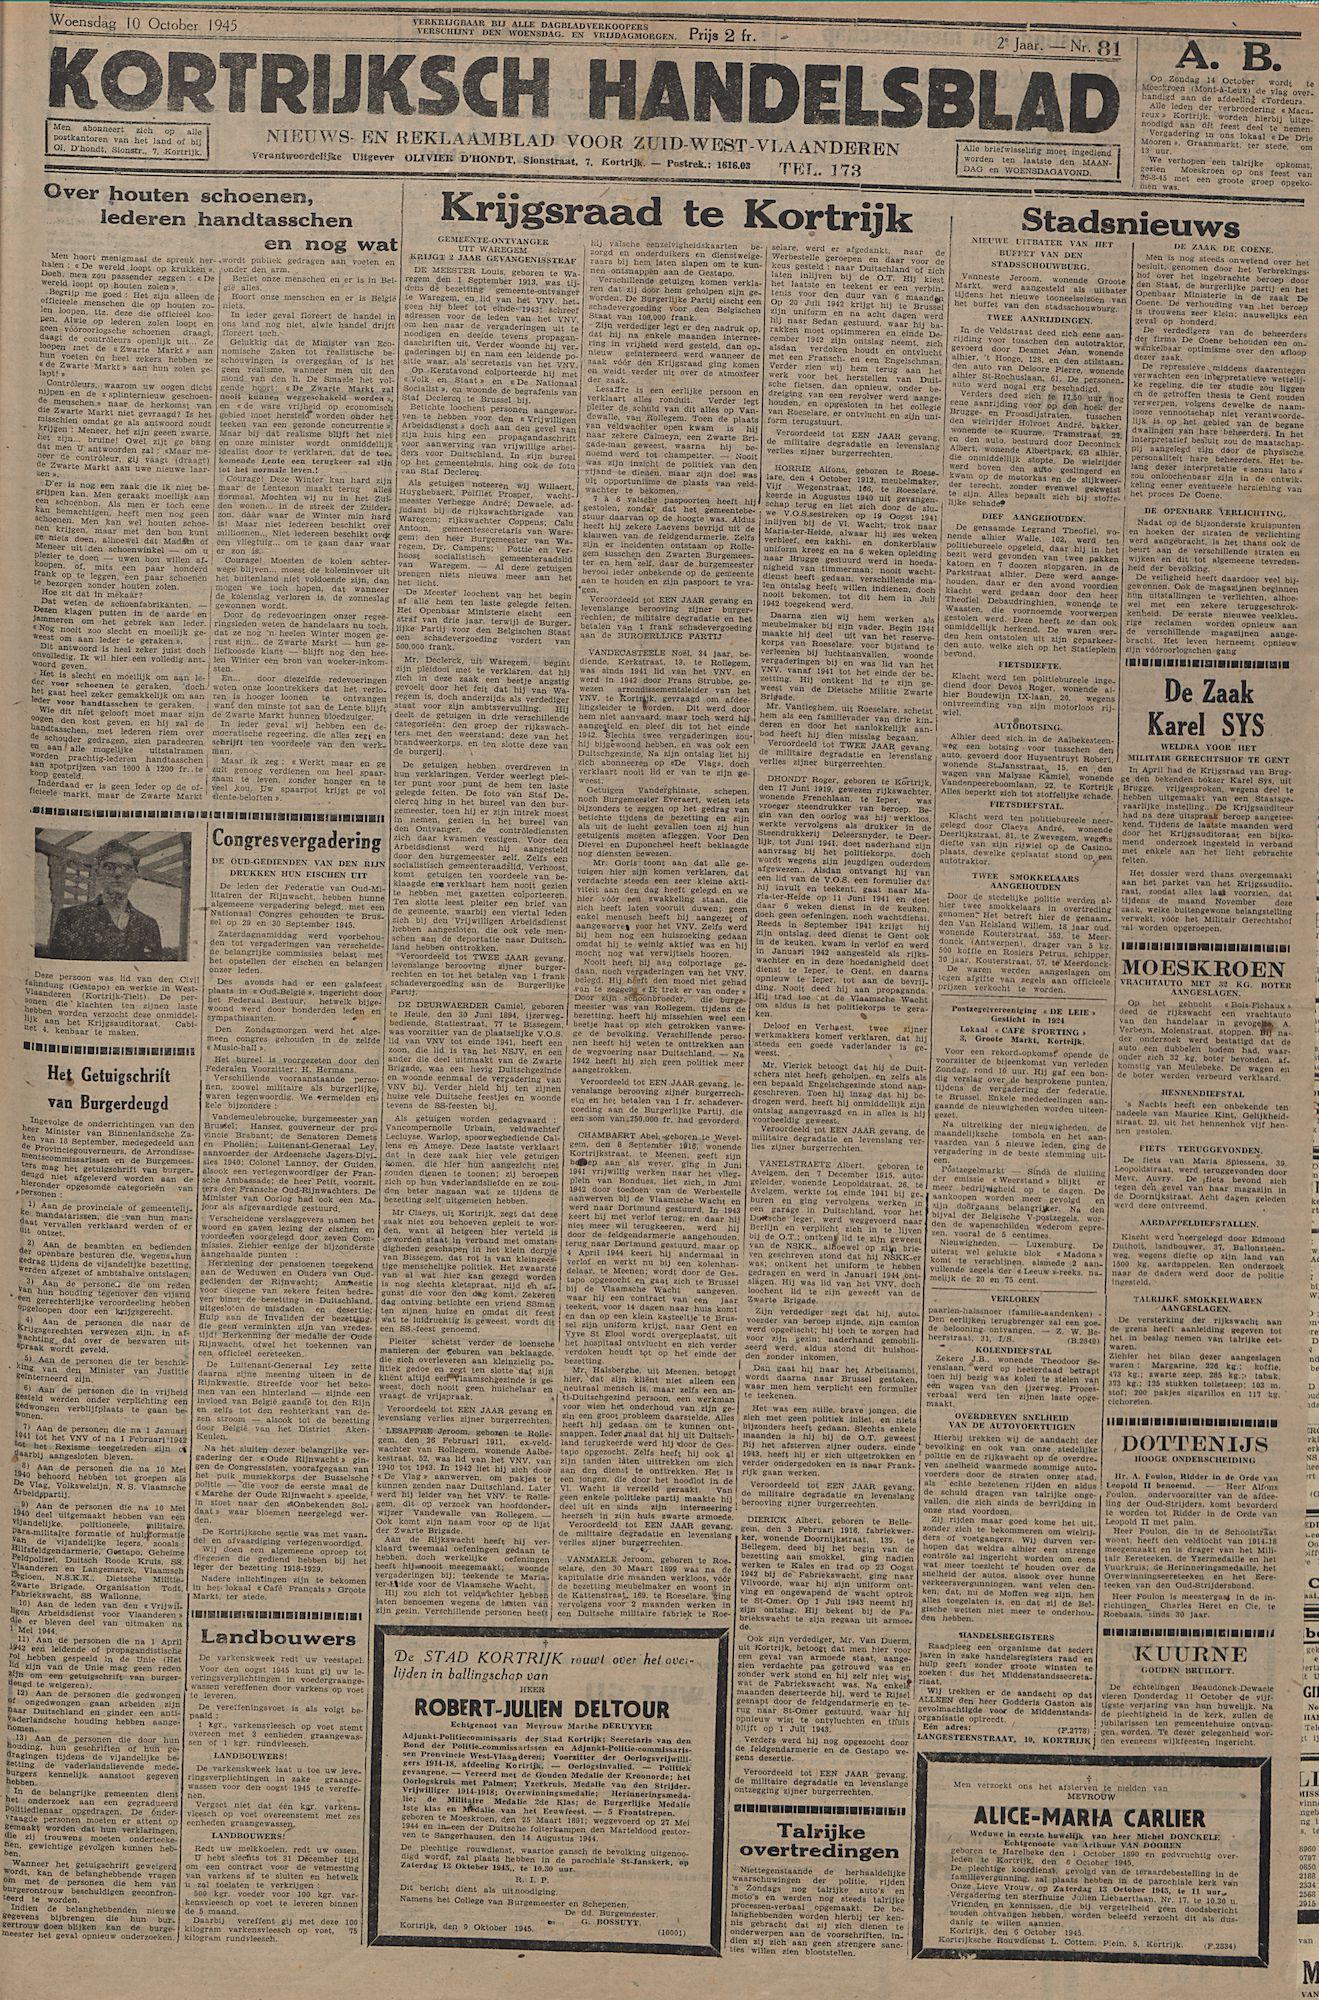 Kortrijksch Handelsblad 10 october 1945 Nr81 p1